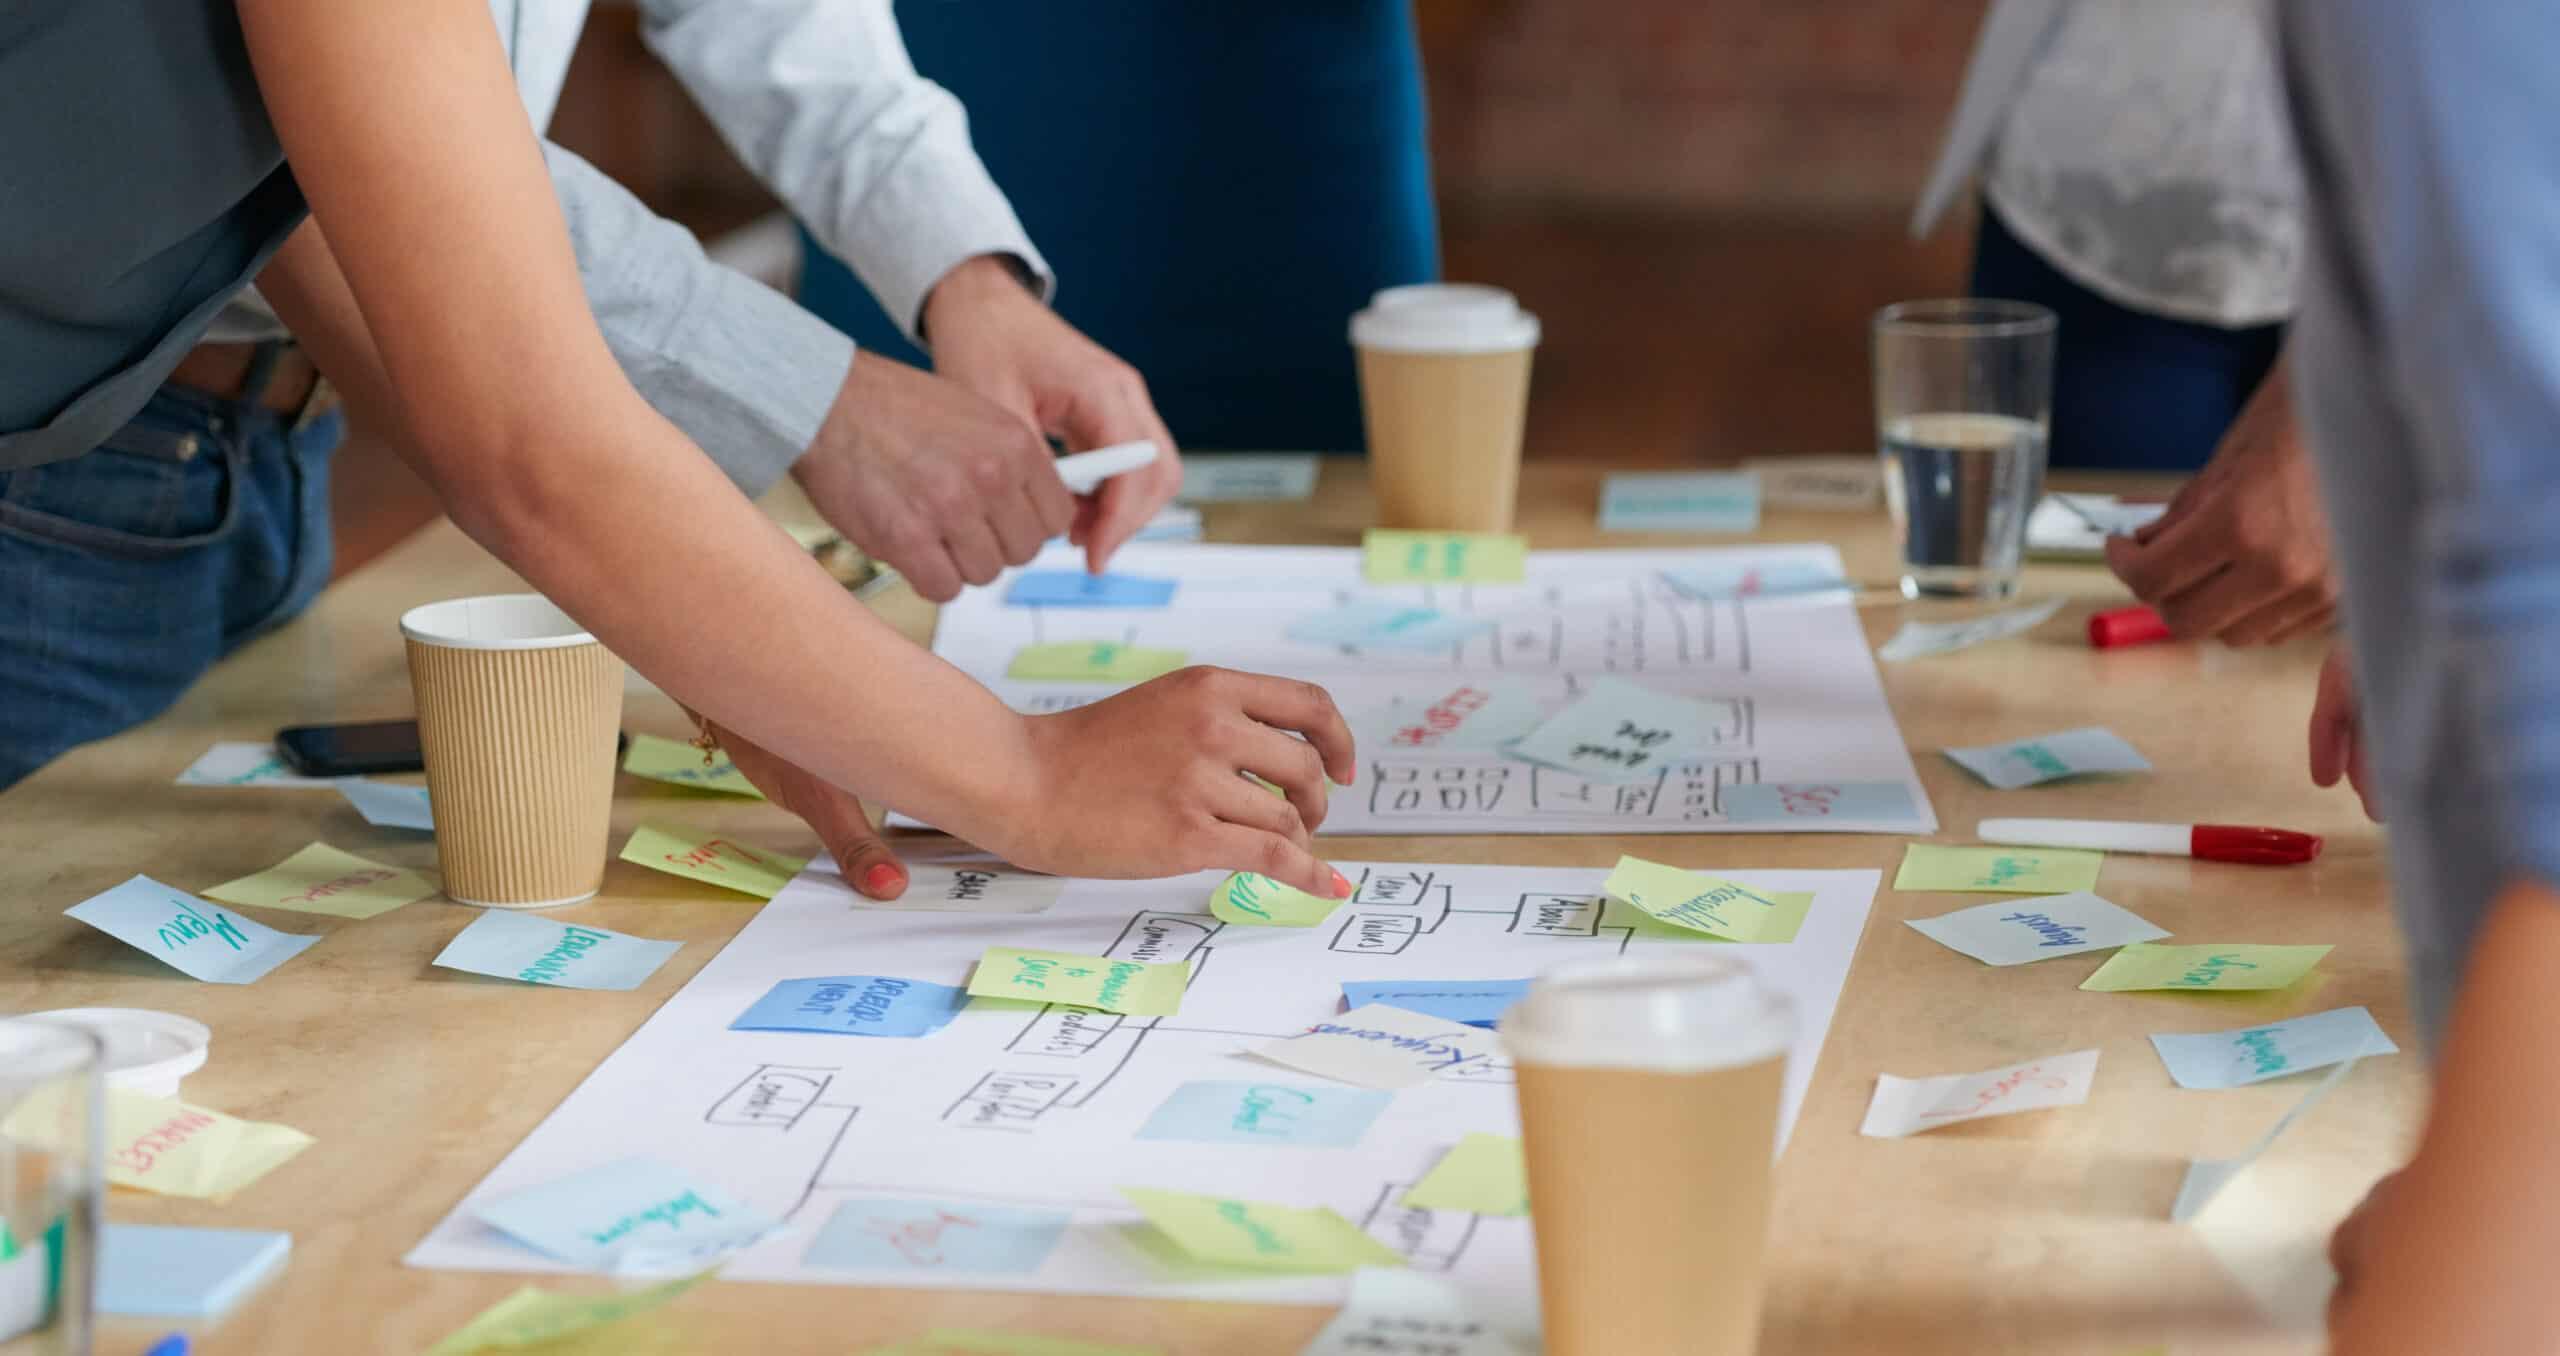 grupa ludzi planujących projekt